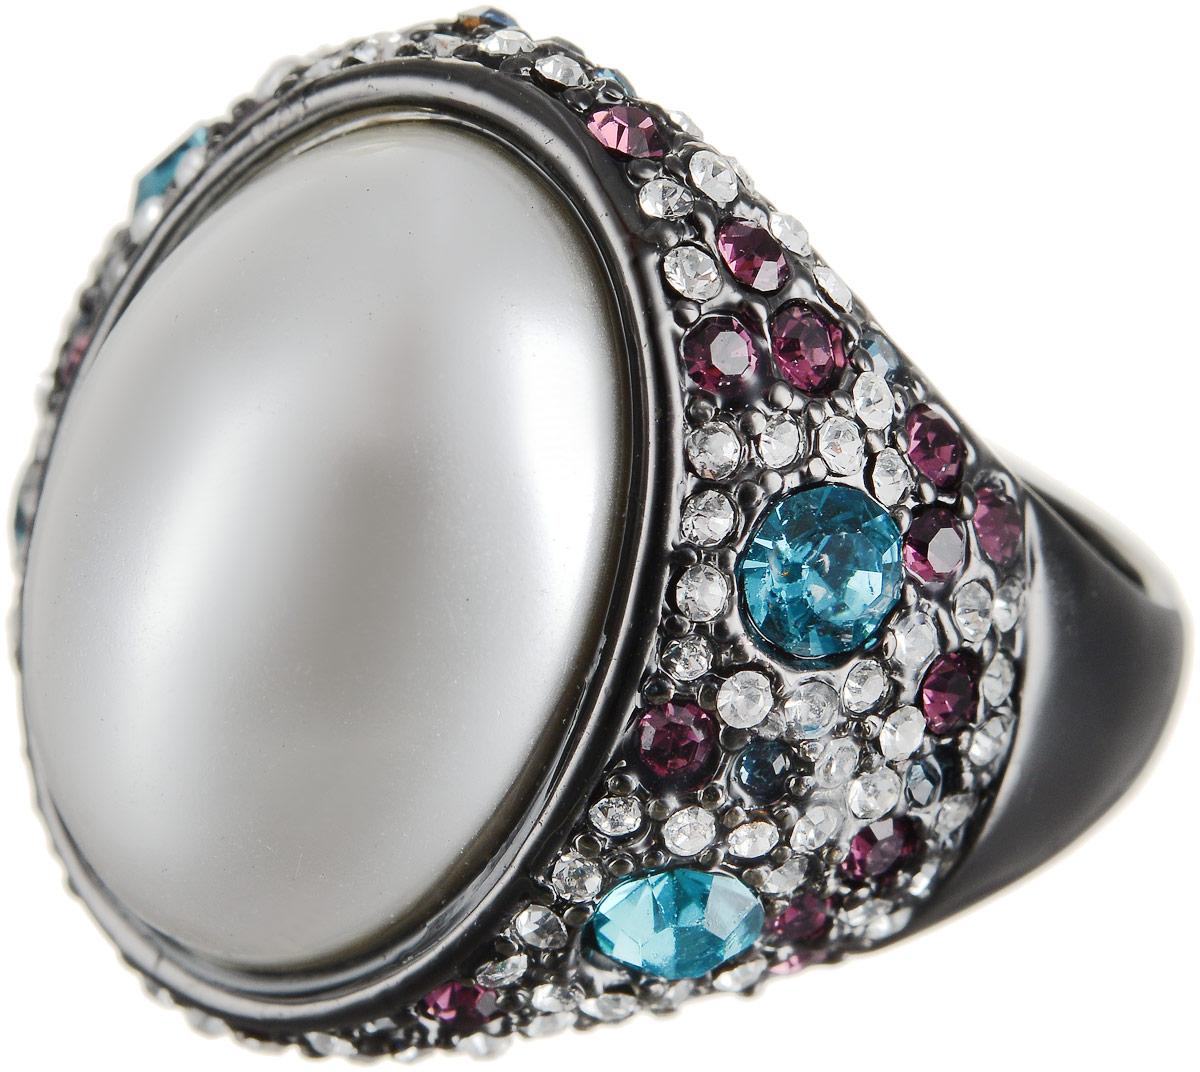 Кольцо Art-Silver, цвет: черный, перламутровый. 066079-601-1202. Размер 19Коктейльное кольцоОригинальное кольцо Art-Silver выполнено из бижутерного сплава с гальваническим покрытием. Кольцо украшено декоративными вставками.Элегантное кольцо Art-Silver превосходно дополнит ваш образ и подчеркнет отменное чувство стиля своей обладательницы.